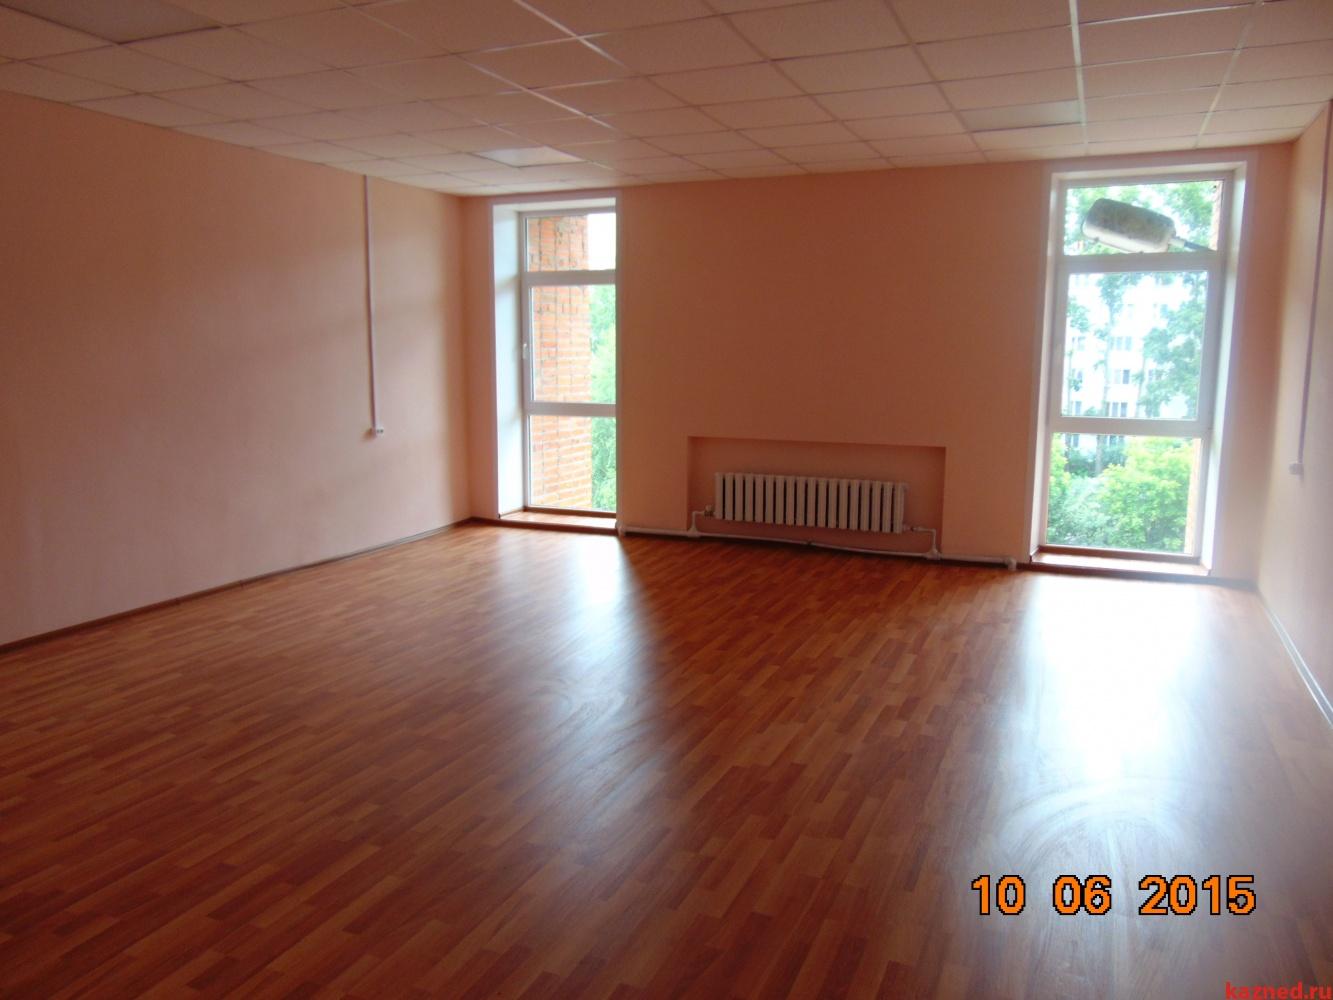 Продажа  помещения свободного назначения Проспект Амирхана,12а, 4831 м²  (миниатюра №3)